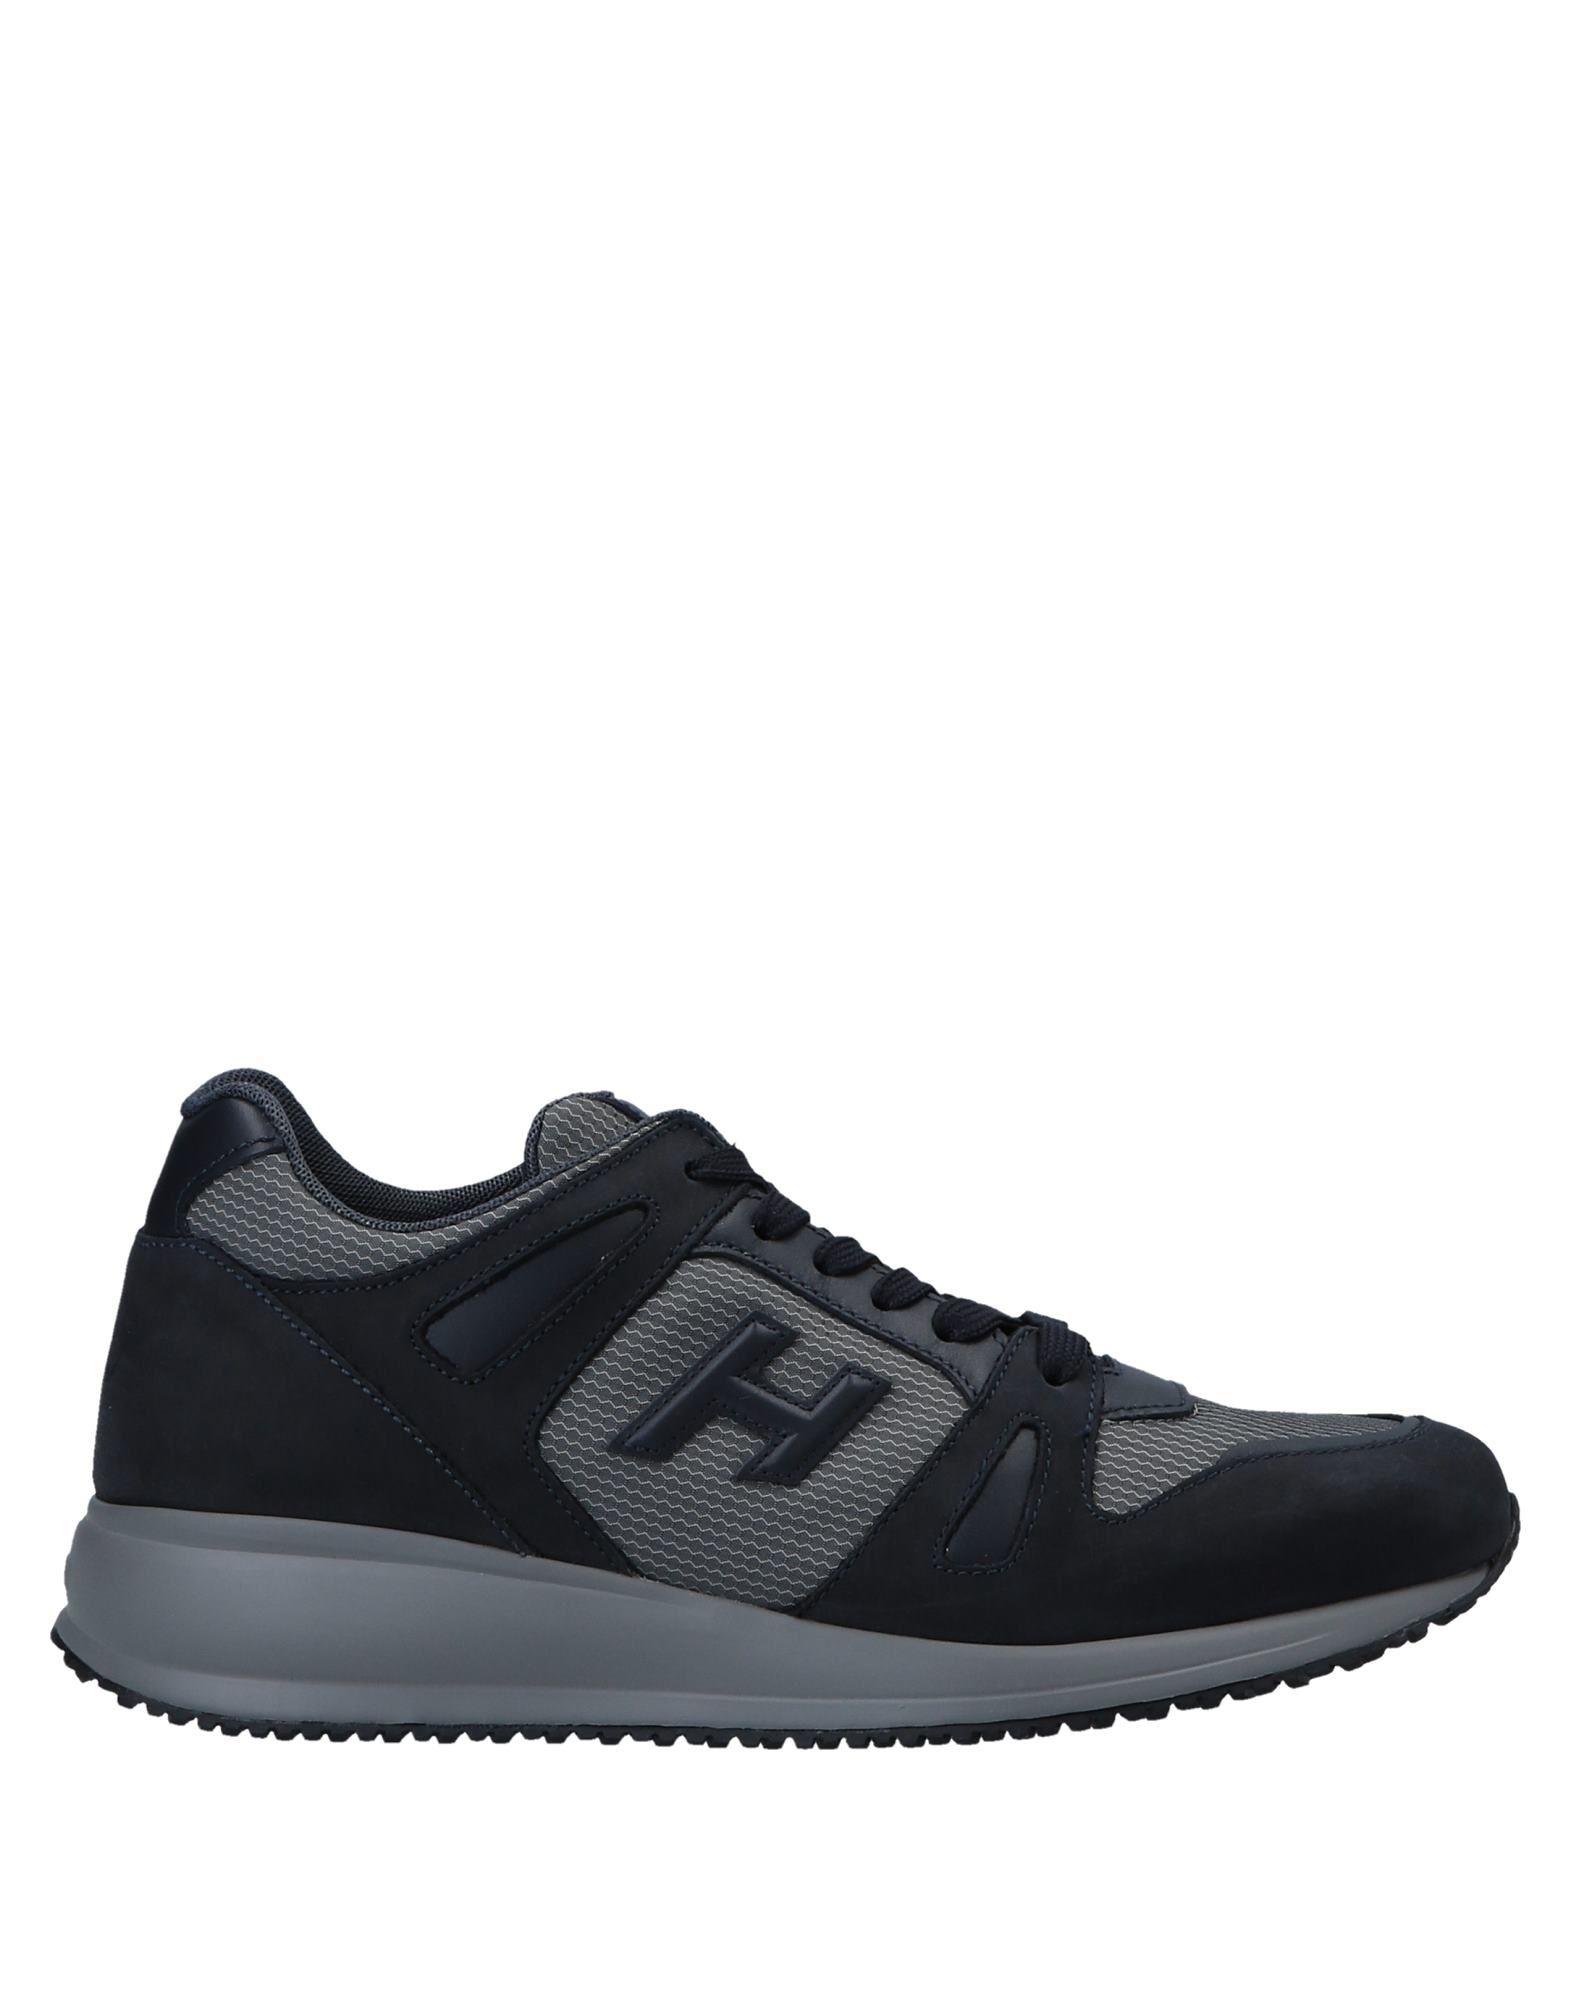 Sneakers Hogan Uomo - 11560000AV Scarpe economiche e buone